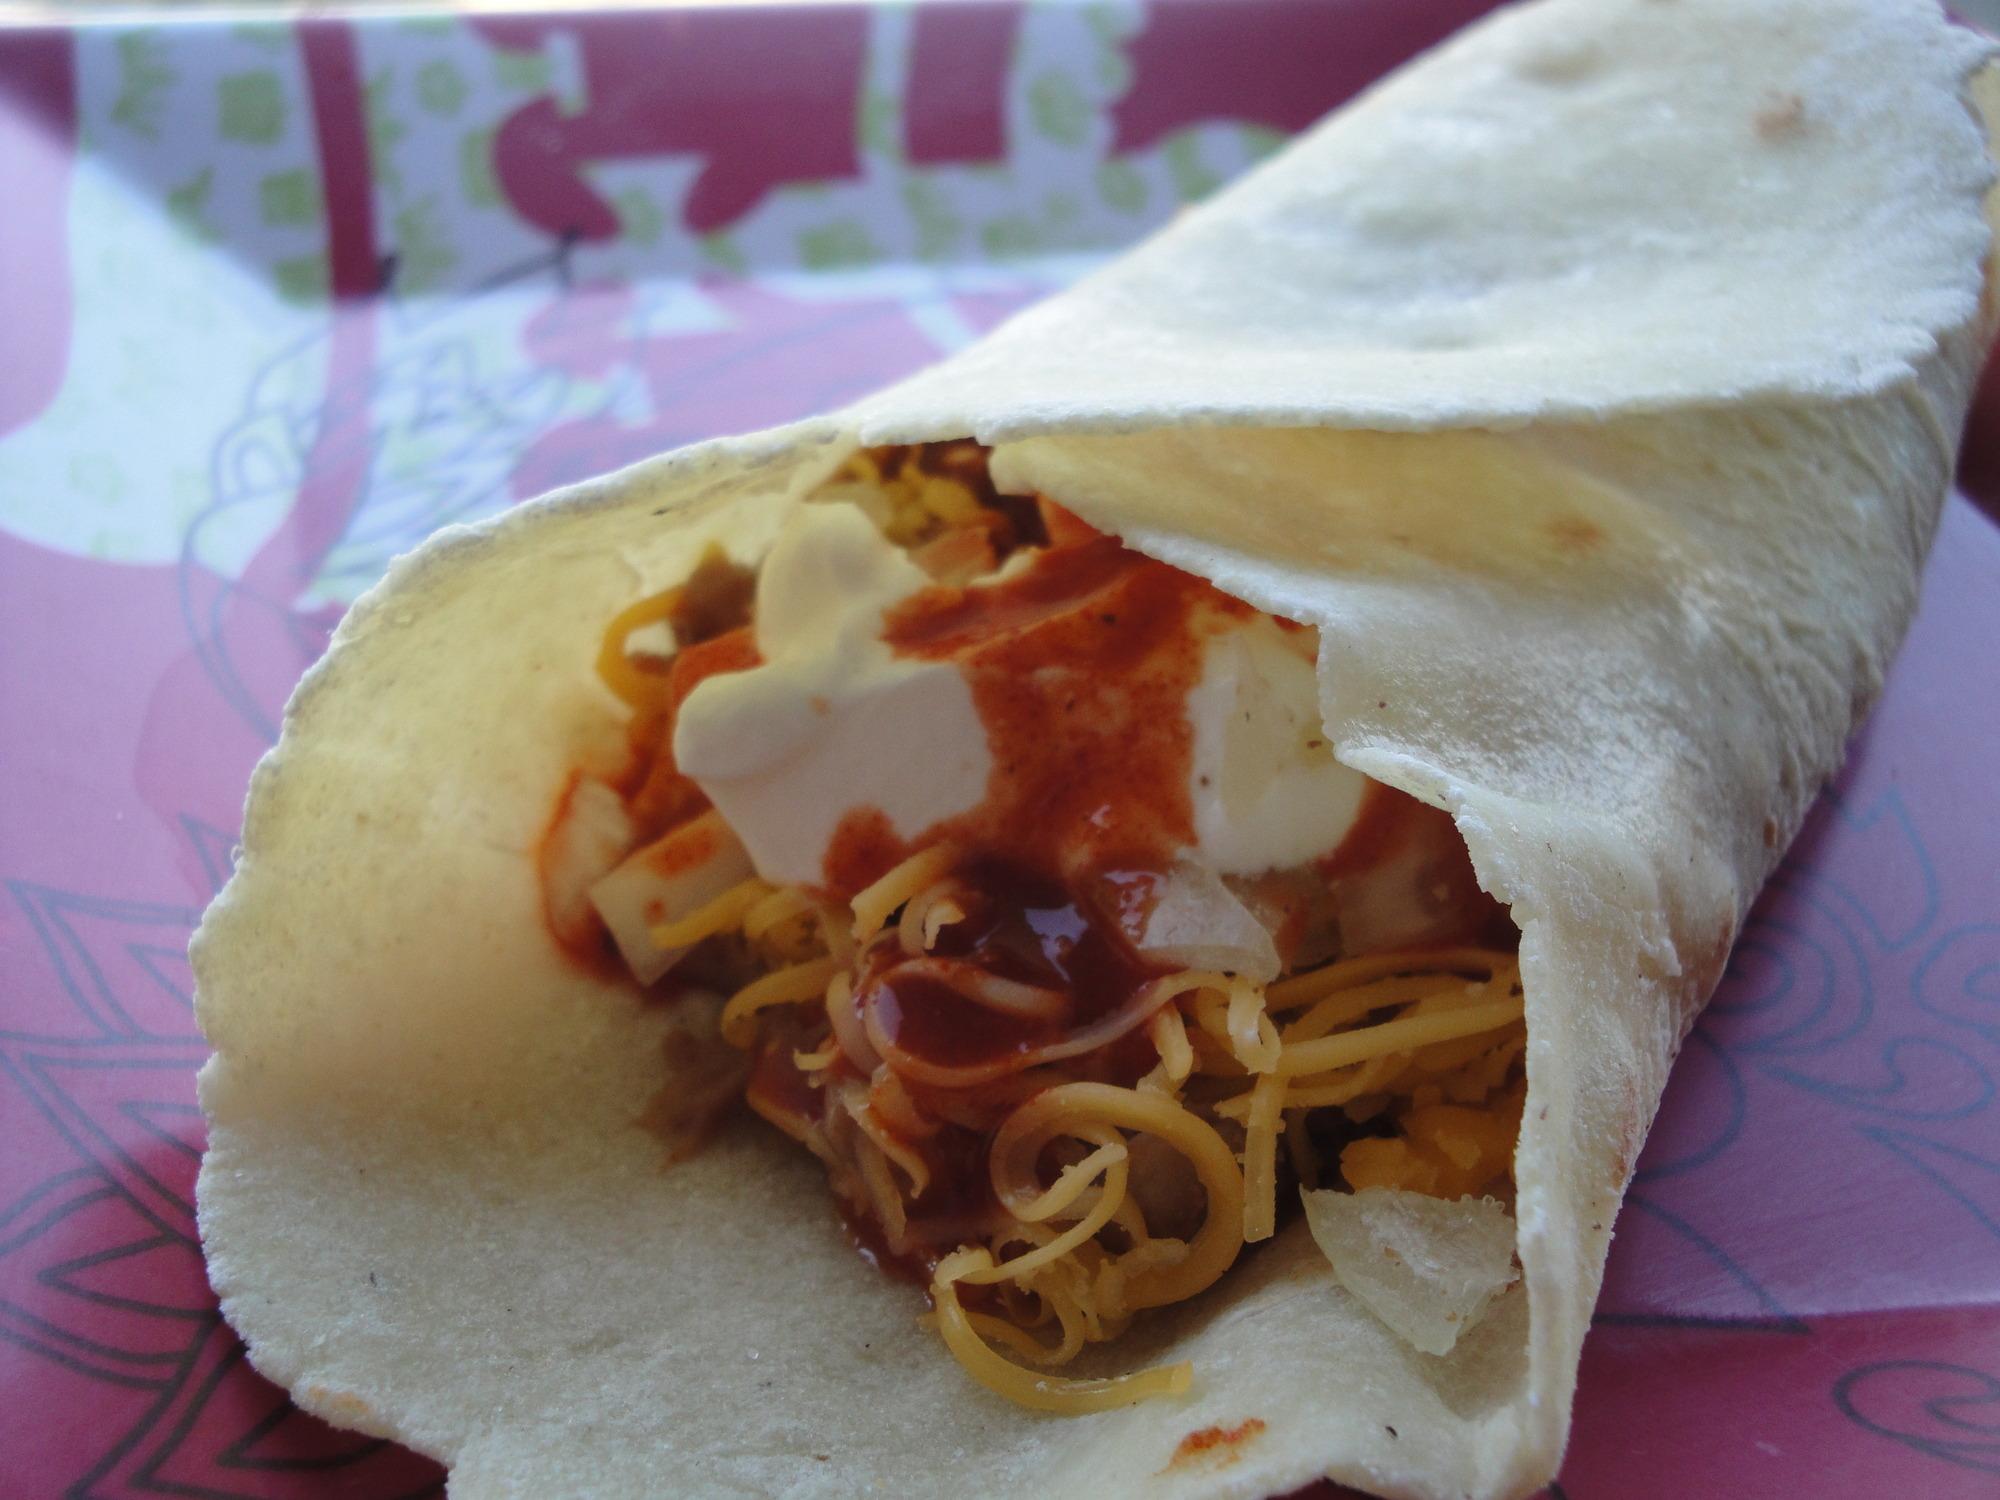 Frugal Gluten-Free Living: Flour Tortillas that Taste Great!